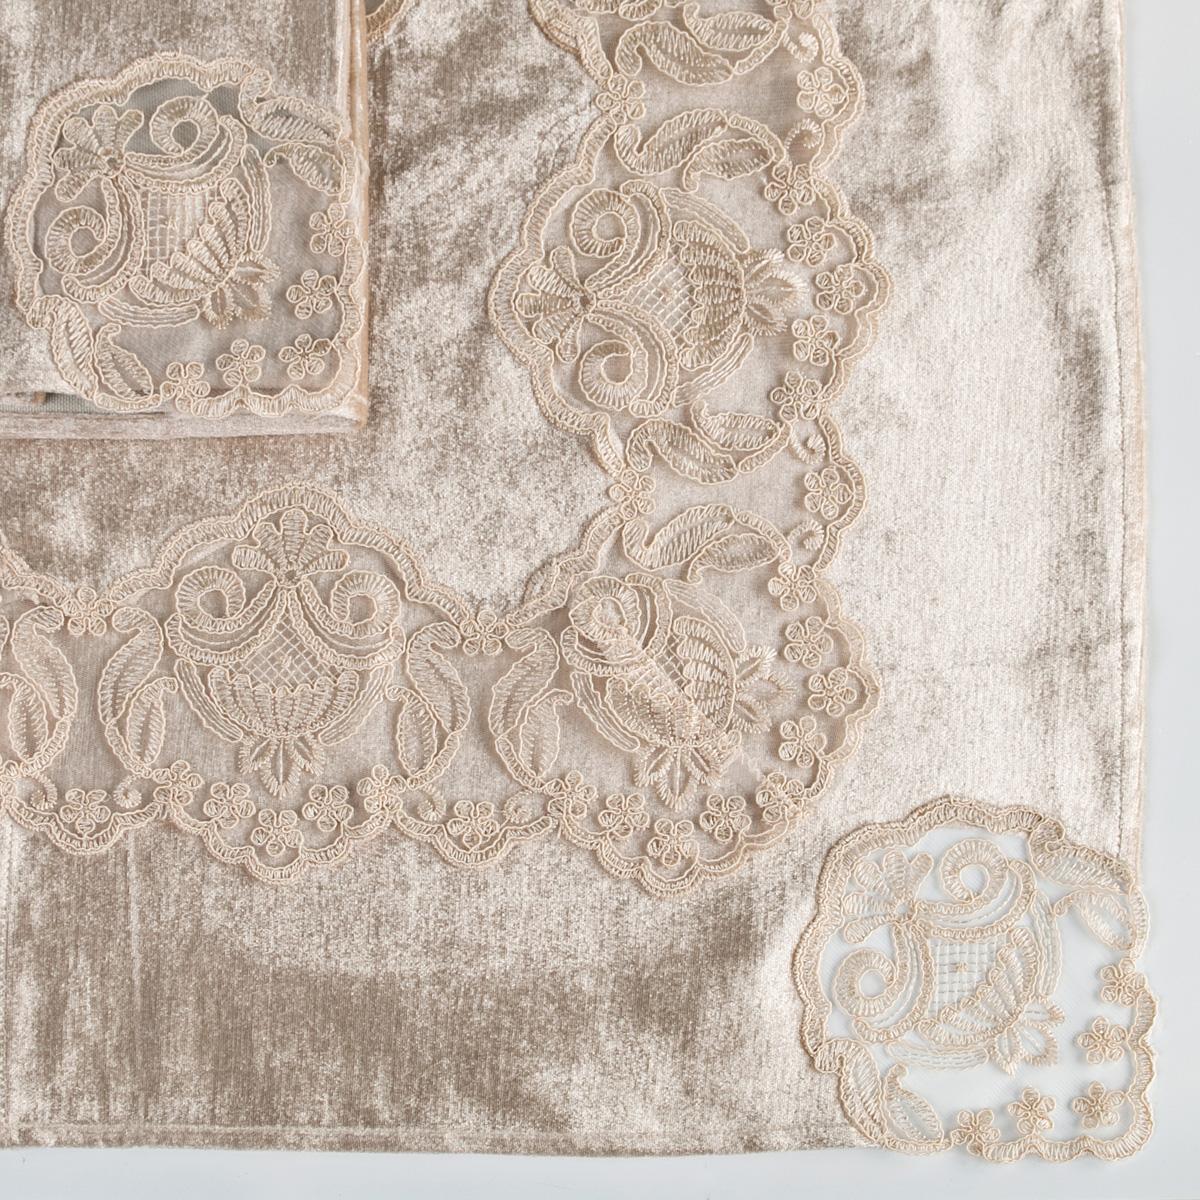 Скатерти и салфетки Santalino Салфетки Mazzano  (45х45 см - 3 шт) салфетки duni салфетки duni комплект 2 шт